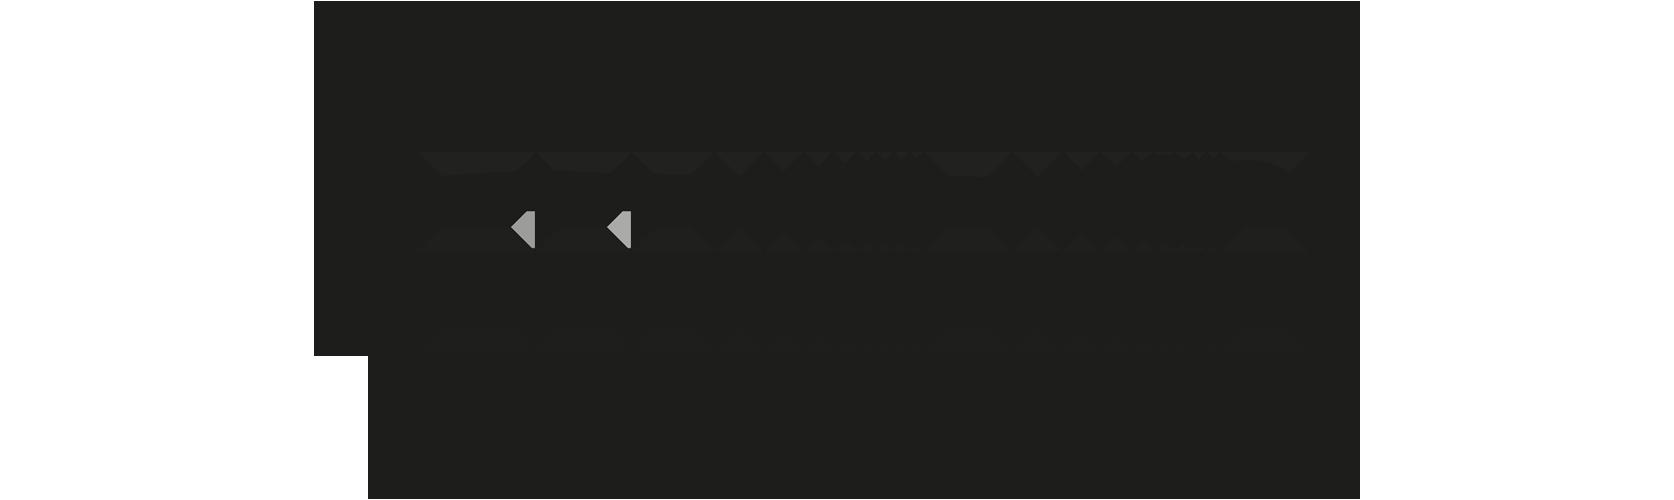 Shure SM27 Microfono a condensatore con diaframma largo professionale Curva di risposta in frequenza